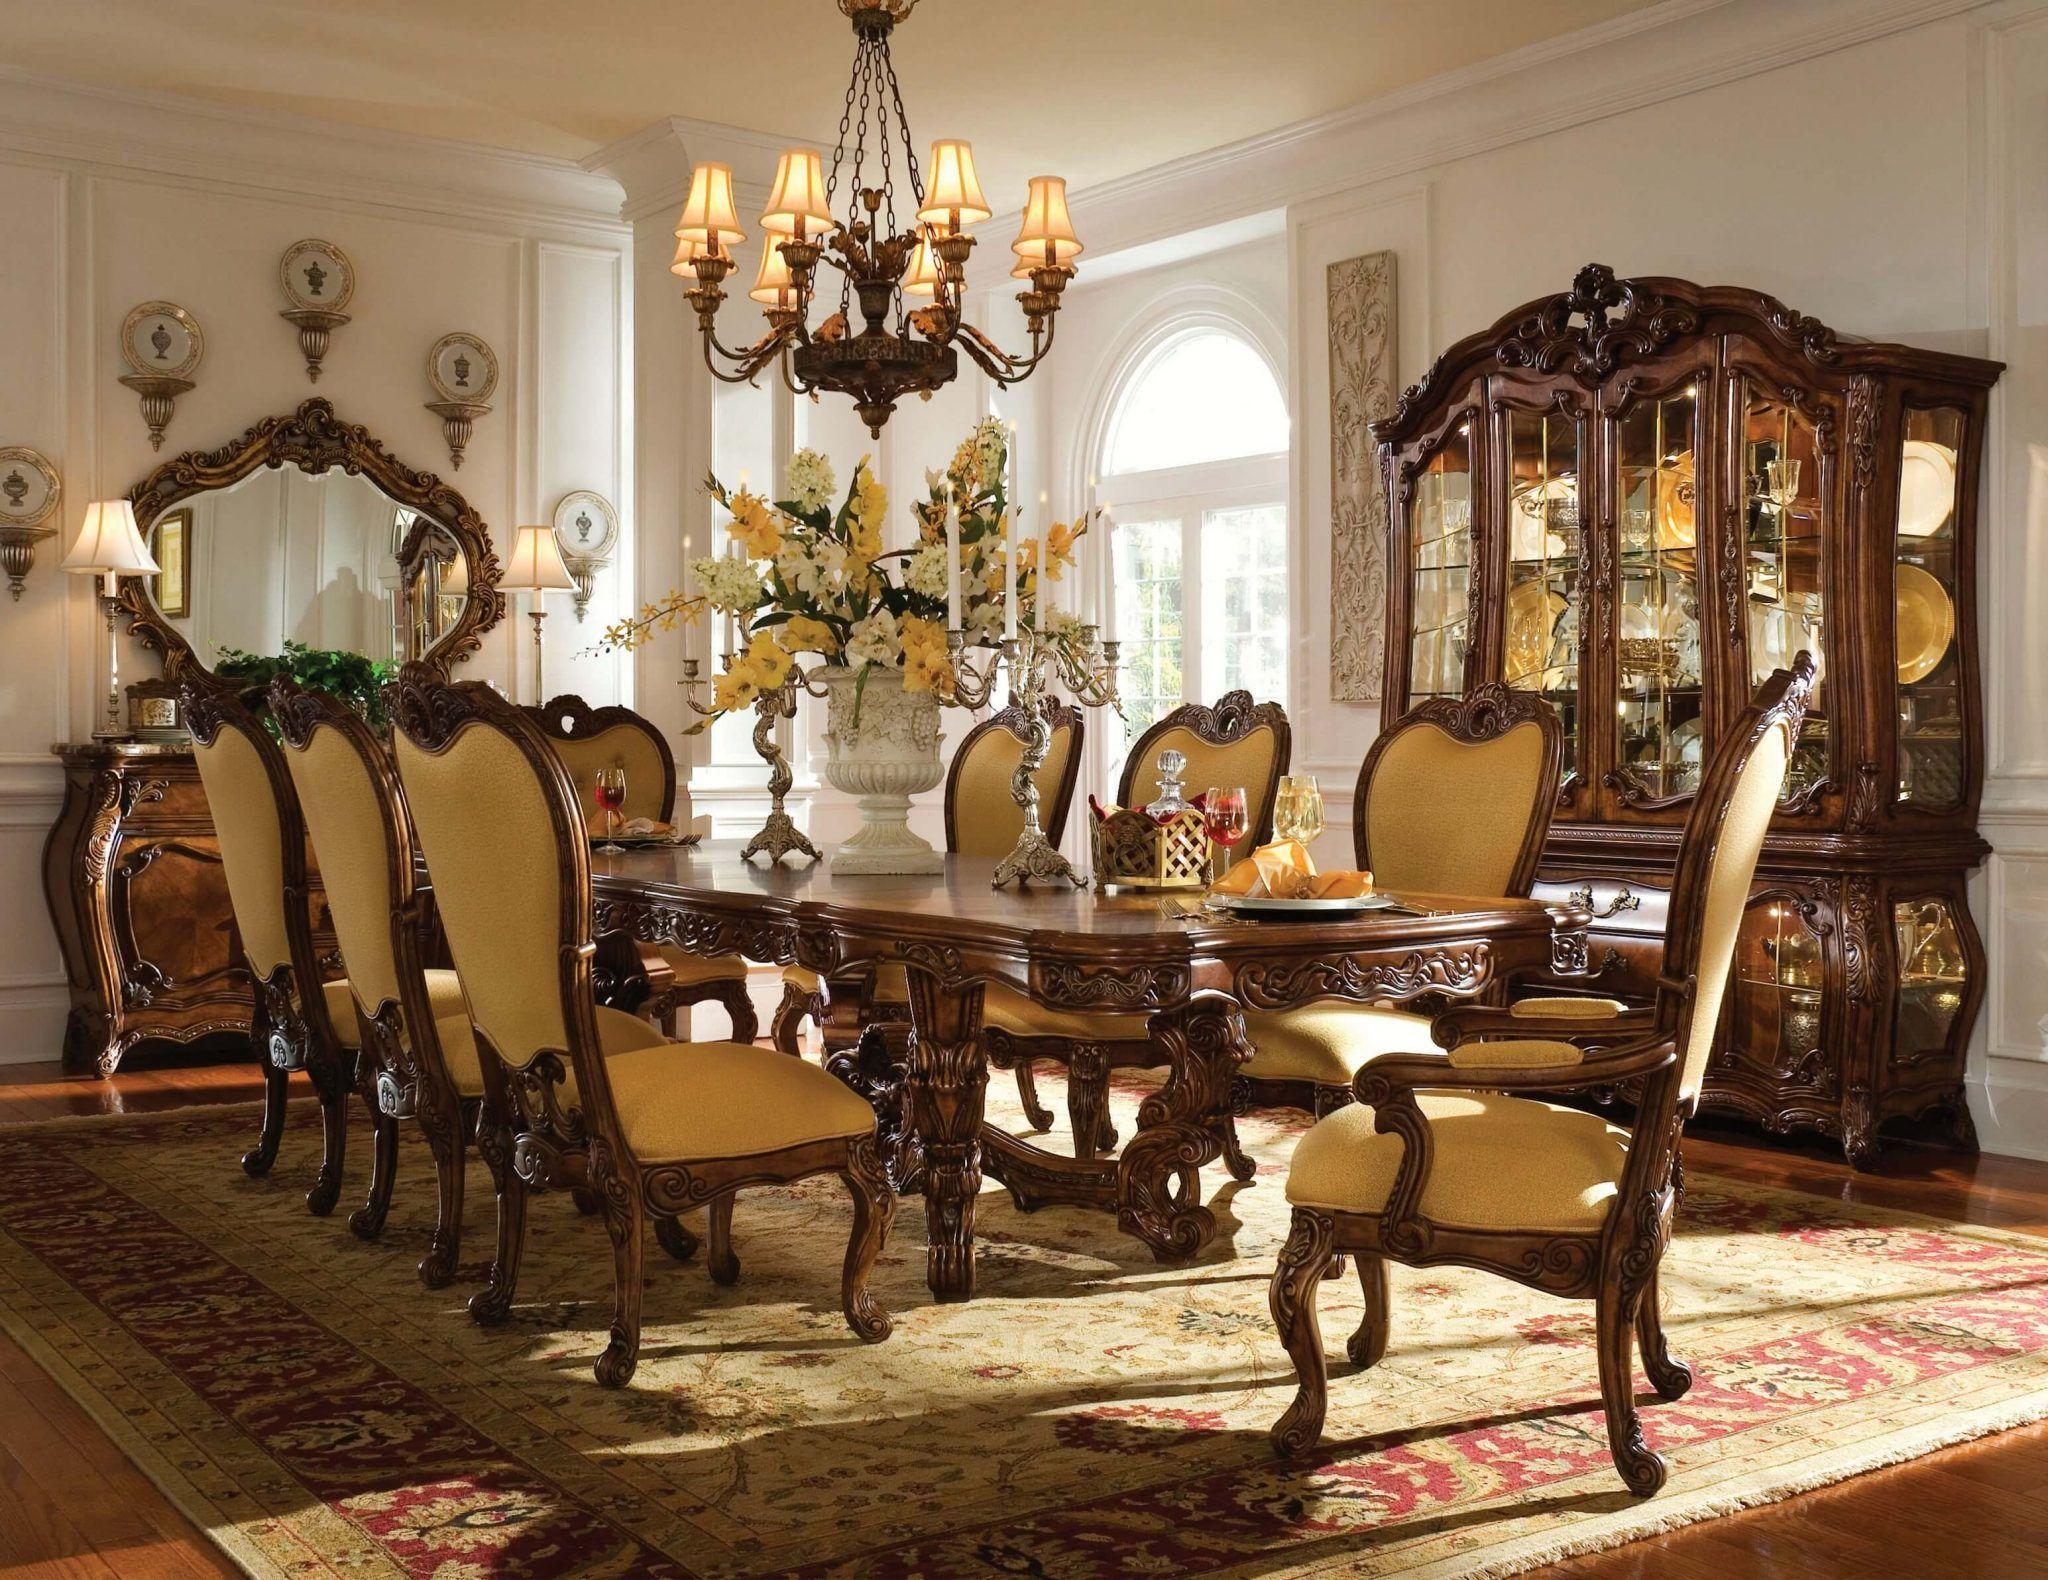 AICO Palais Royale Formal Rectangular Dining Set 71002 35   USA Furniture  Warehouse #Diningroomideas